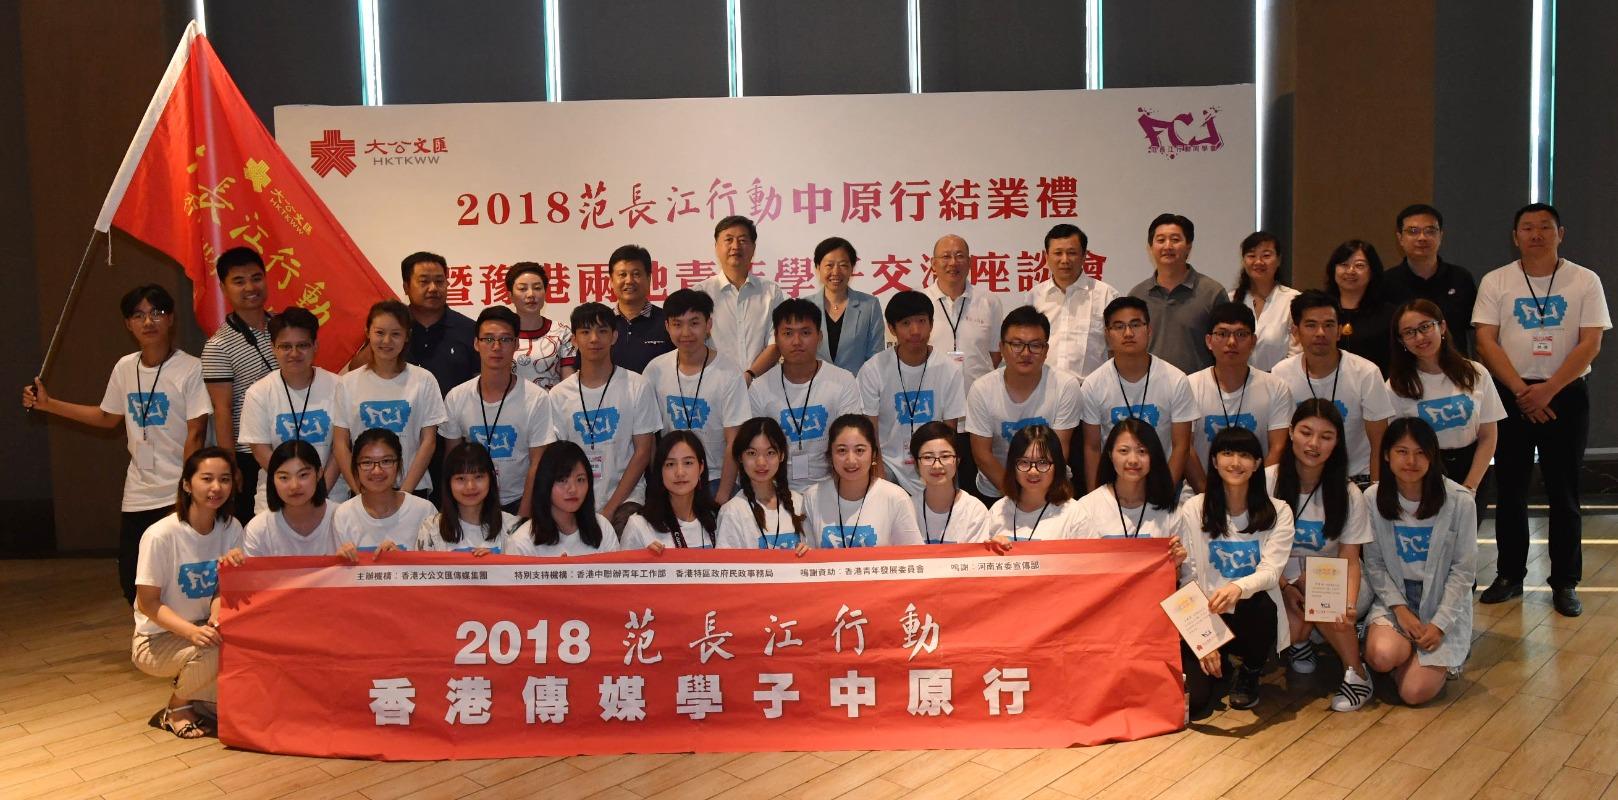 范长江行动香港传媒学子中原行郑州结业